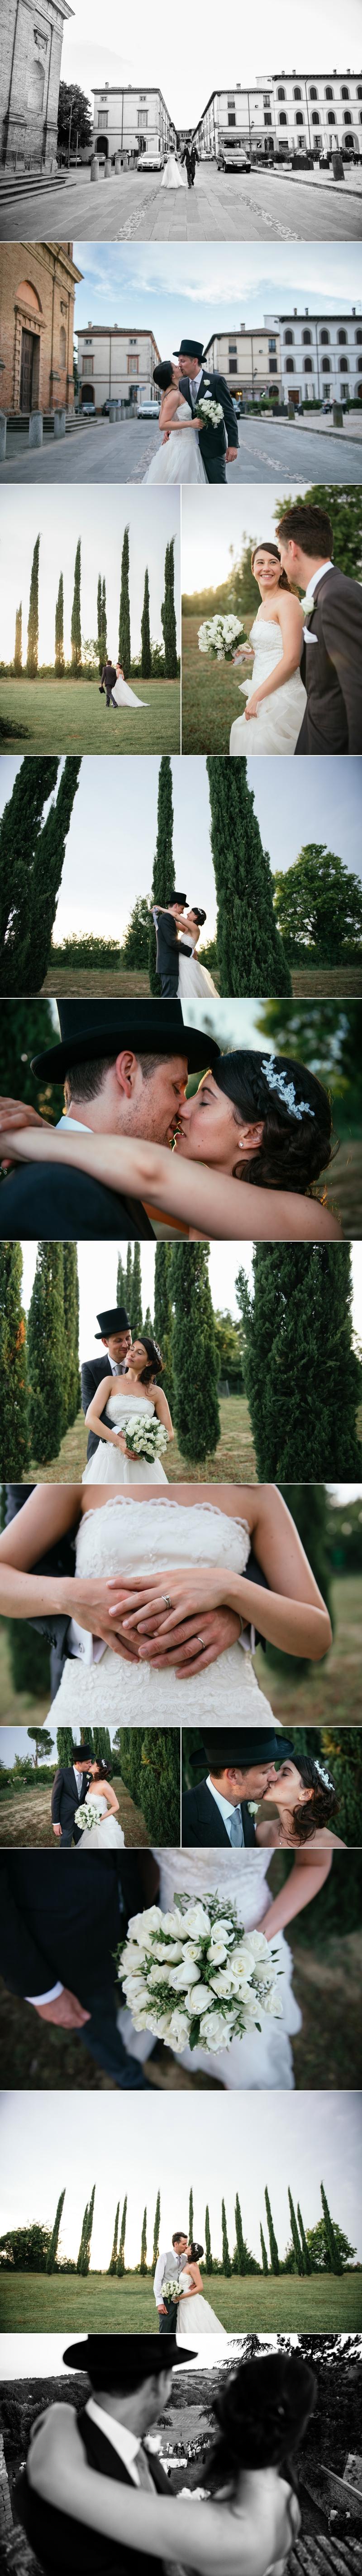 fotografo-matrimonio-castello-capitano-artiglierie-chateau-terra-del-sole-5